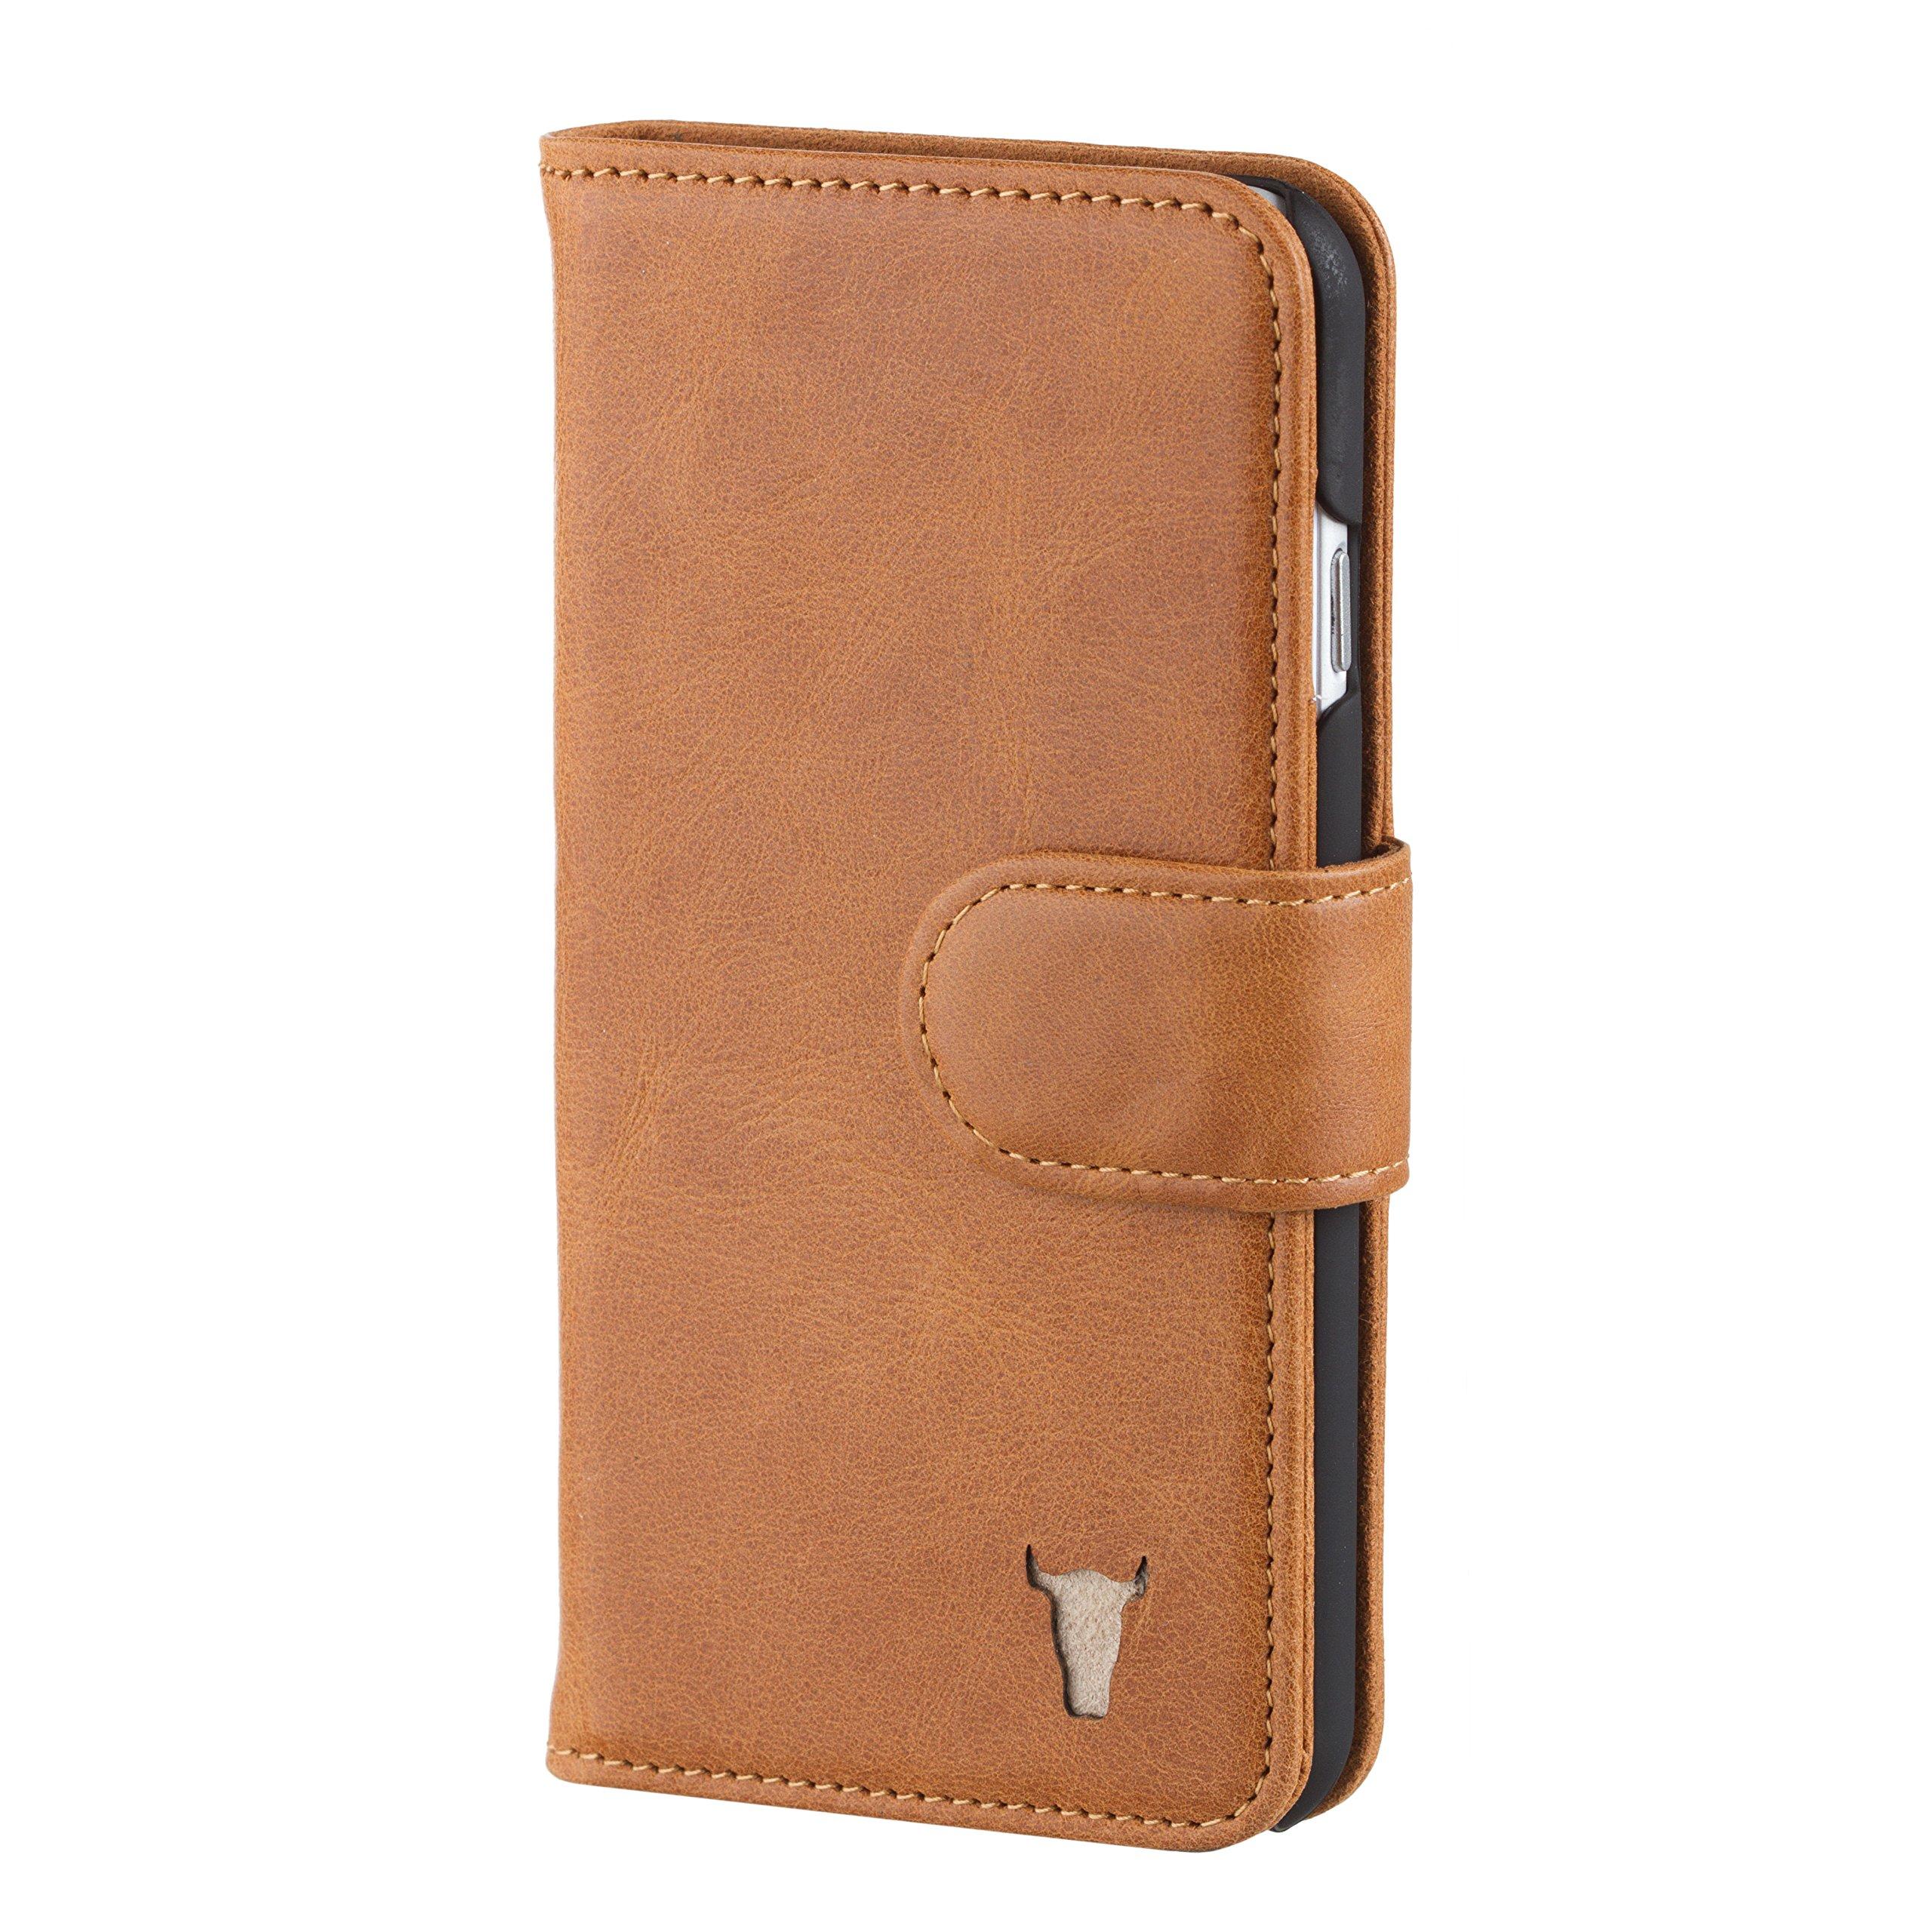 torro iphone 6 case amazon